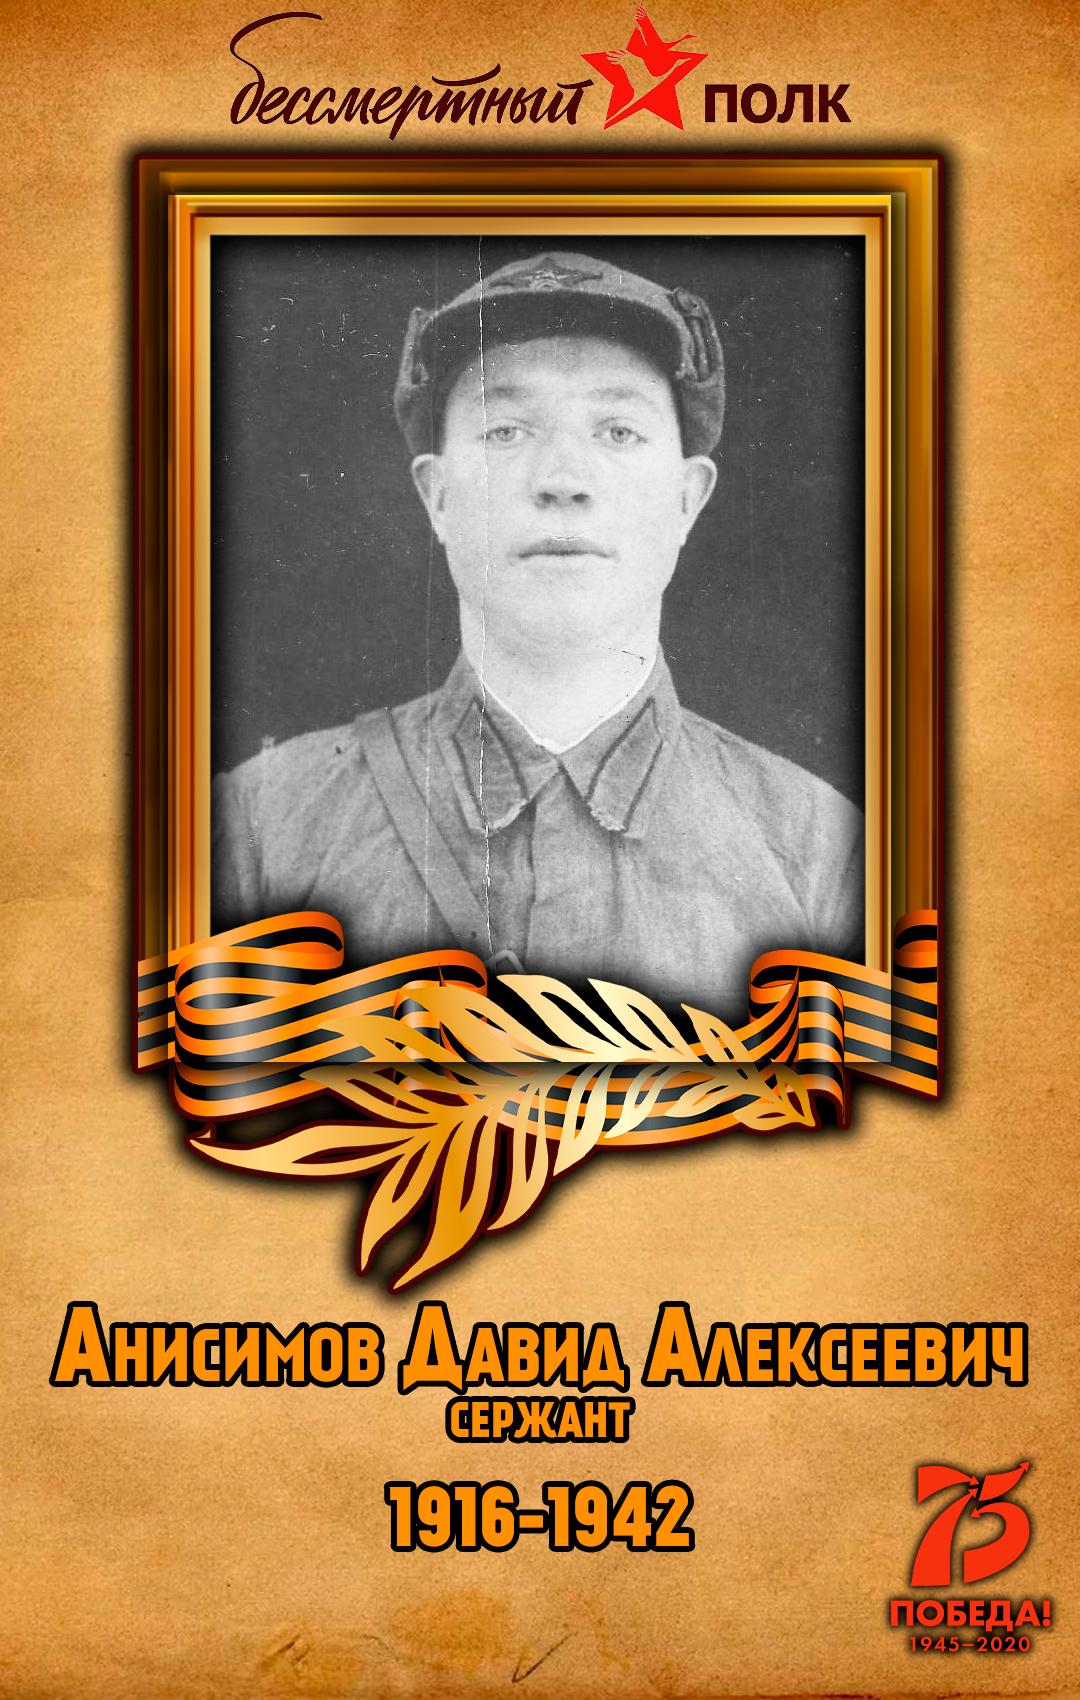 Анисимов-Давид-Алексеевич